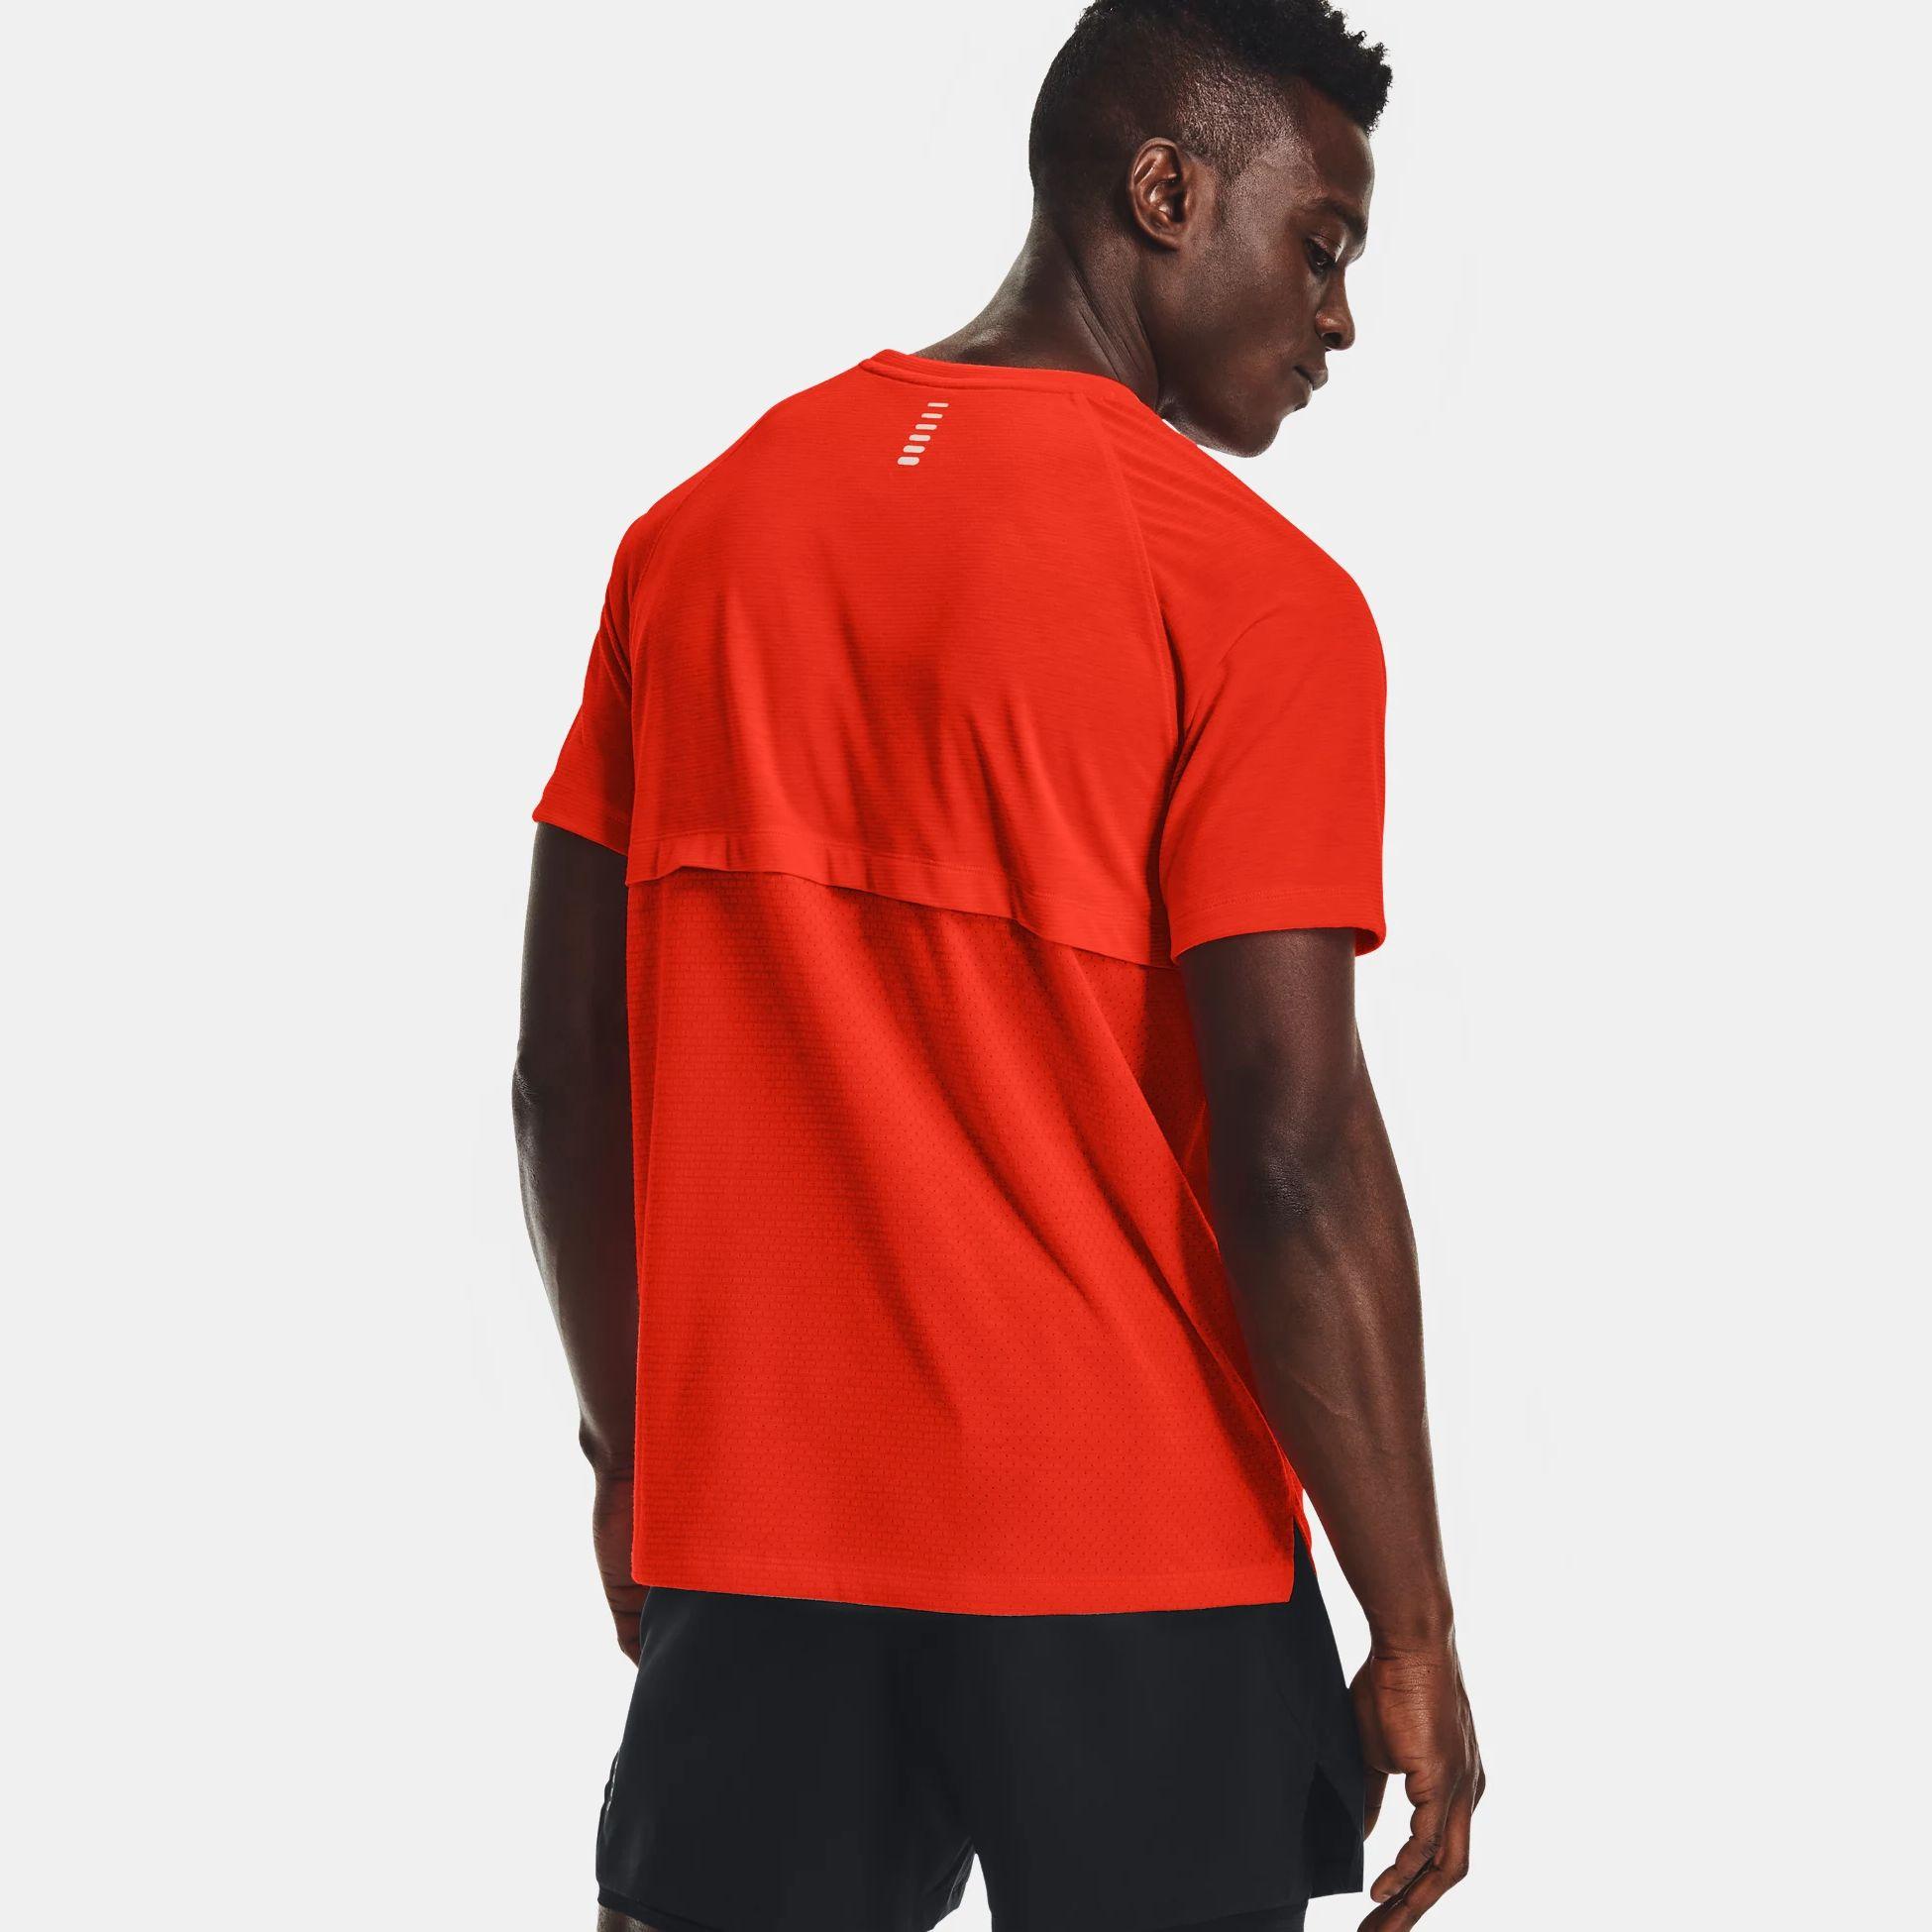 Îmbrăcăminte -  under armour UA Streaker Run Short Sleeve